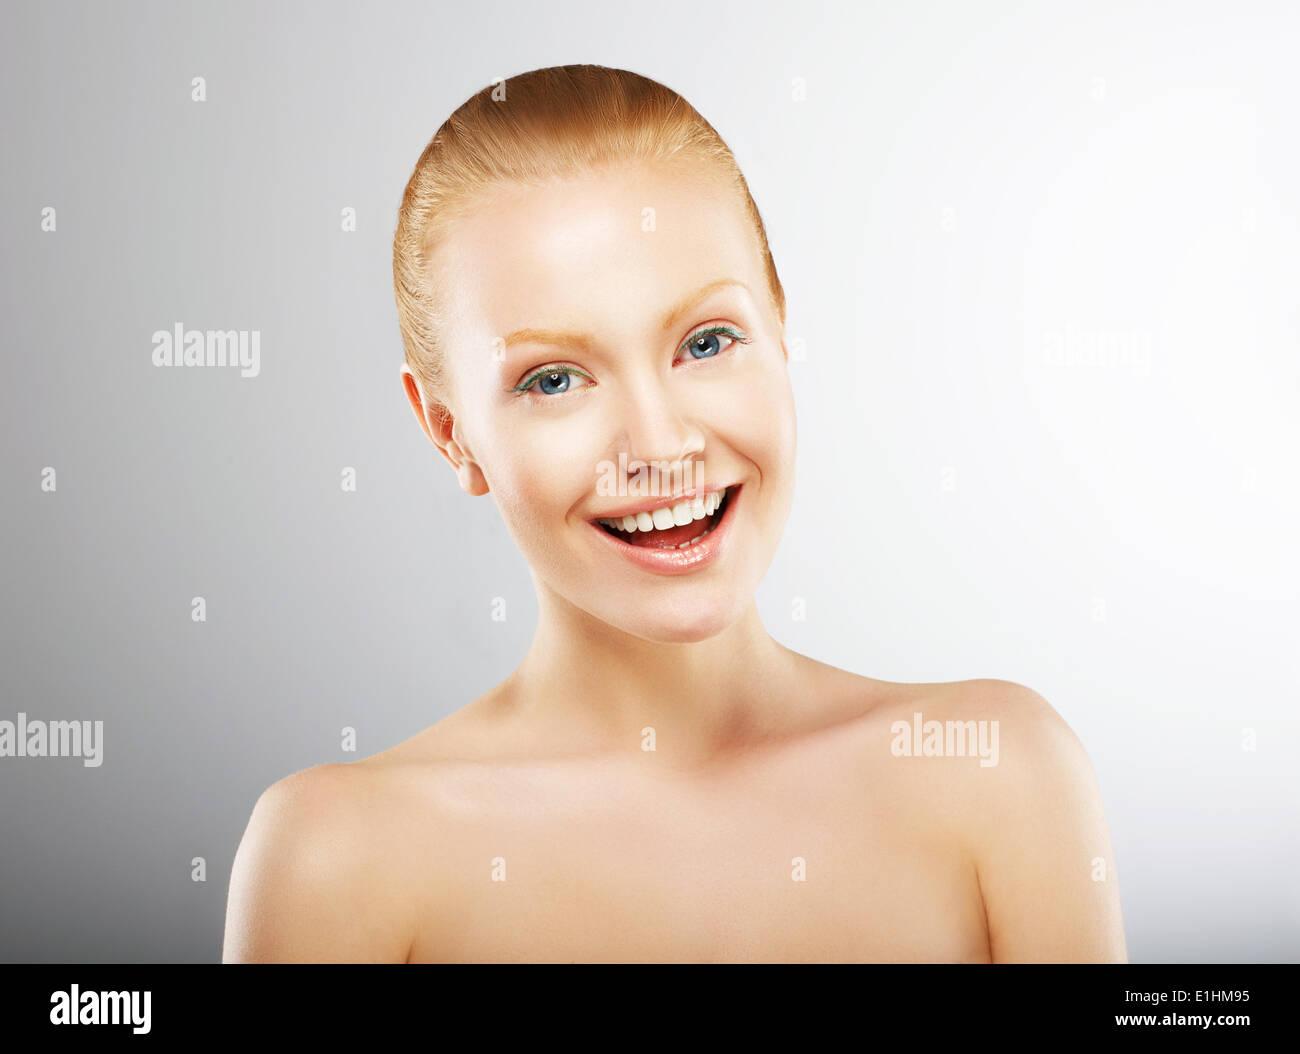 Joven despreocupado divirtiéndose y sonriente. Placer Imagen De Stock